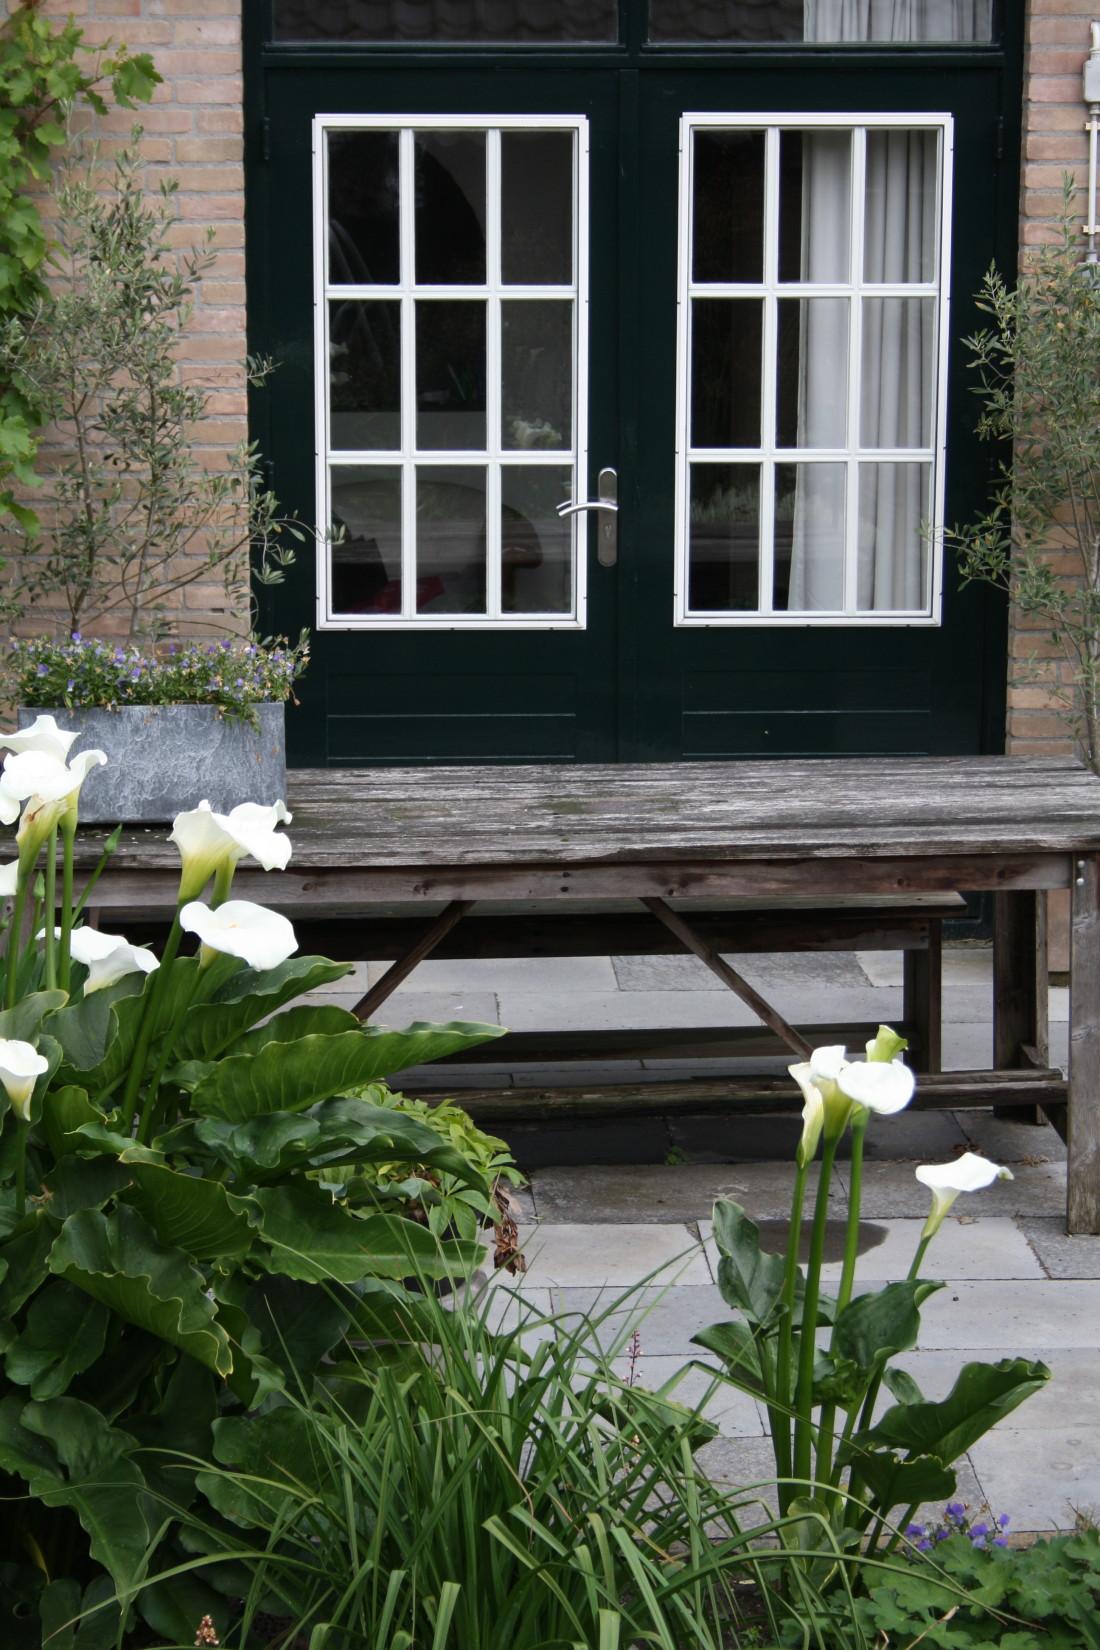 De Buitenkamer tuinontwerp, weelderige tuin in Grave 2